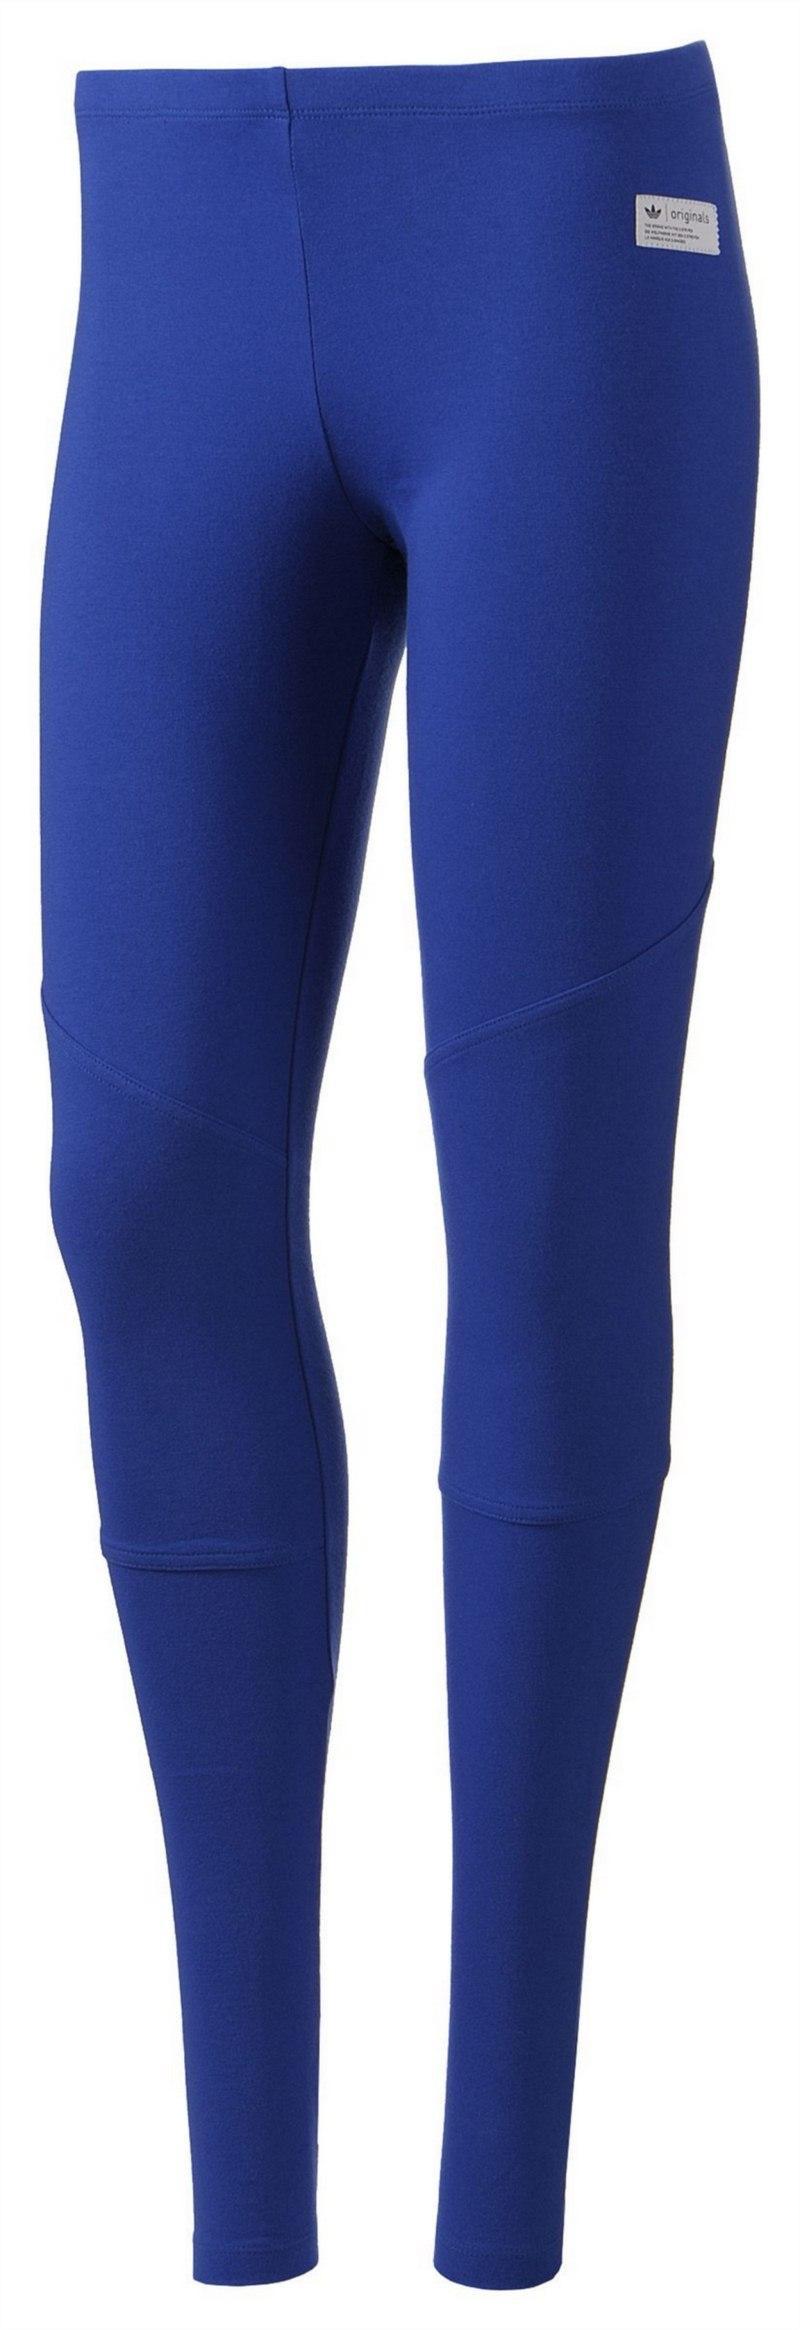 legginsy Adidas w kolorze niebieskim - wiosna/lato 2013